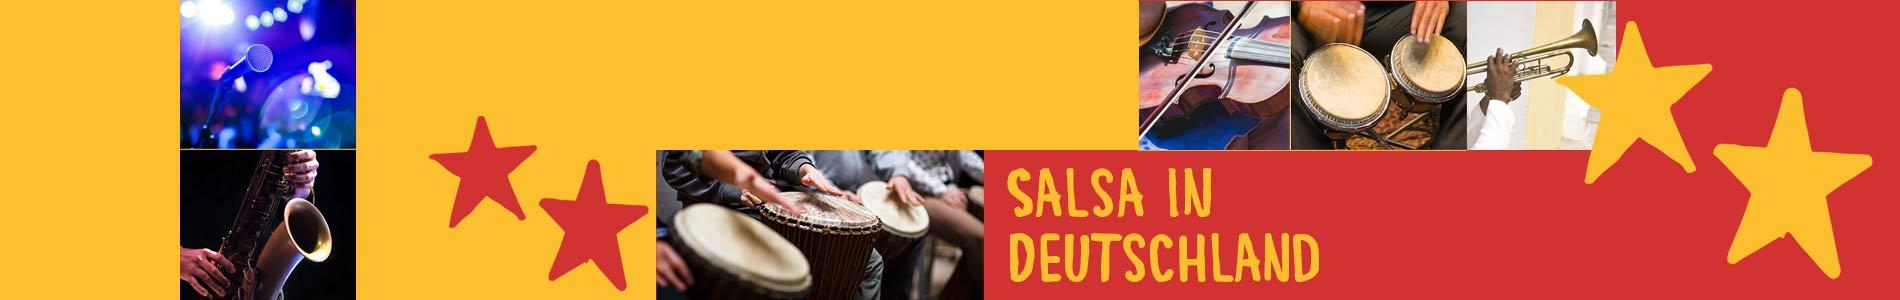 Salsa in Daaden – Salsa lernen und tanzen, Tanzkurse, Partys, Veranstaltungen